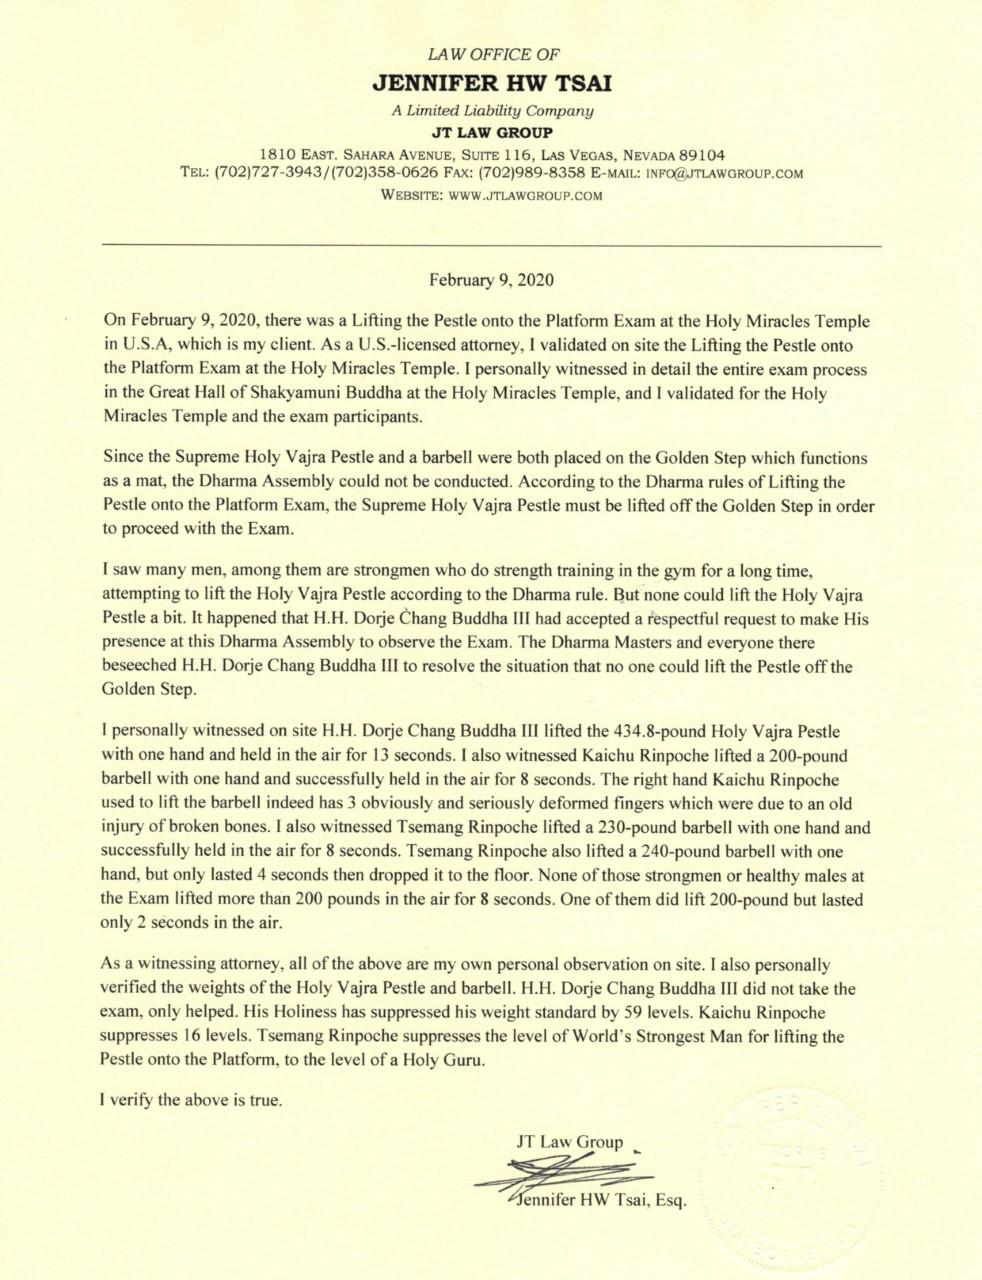 世界佛教总部公告(公告字第20200101号)- 正确答案,回覆重要咨询 第3张